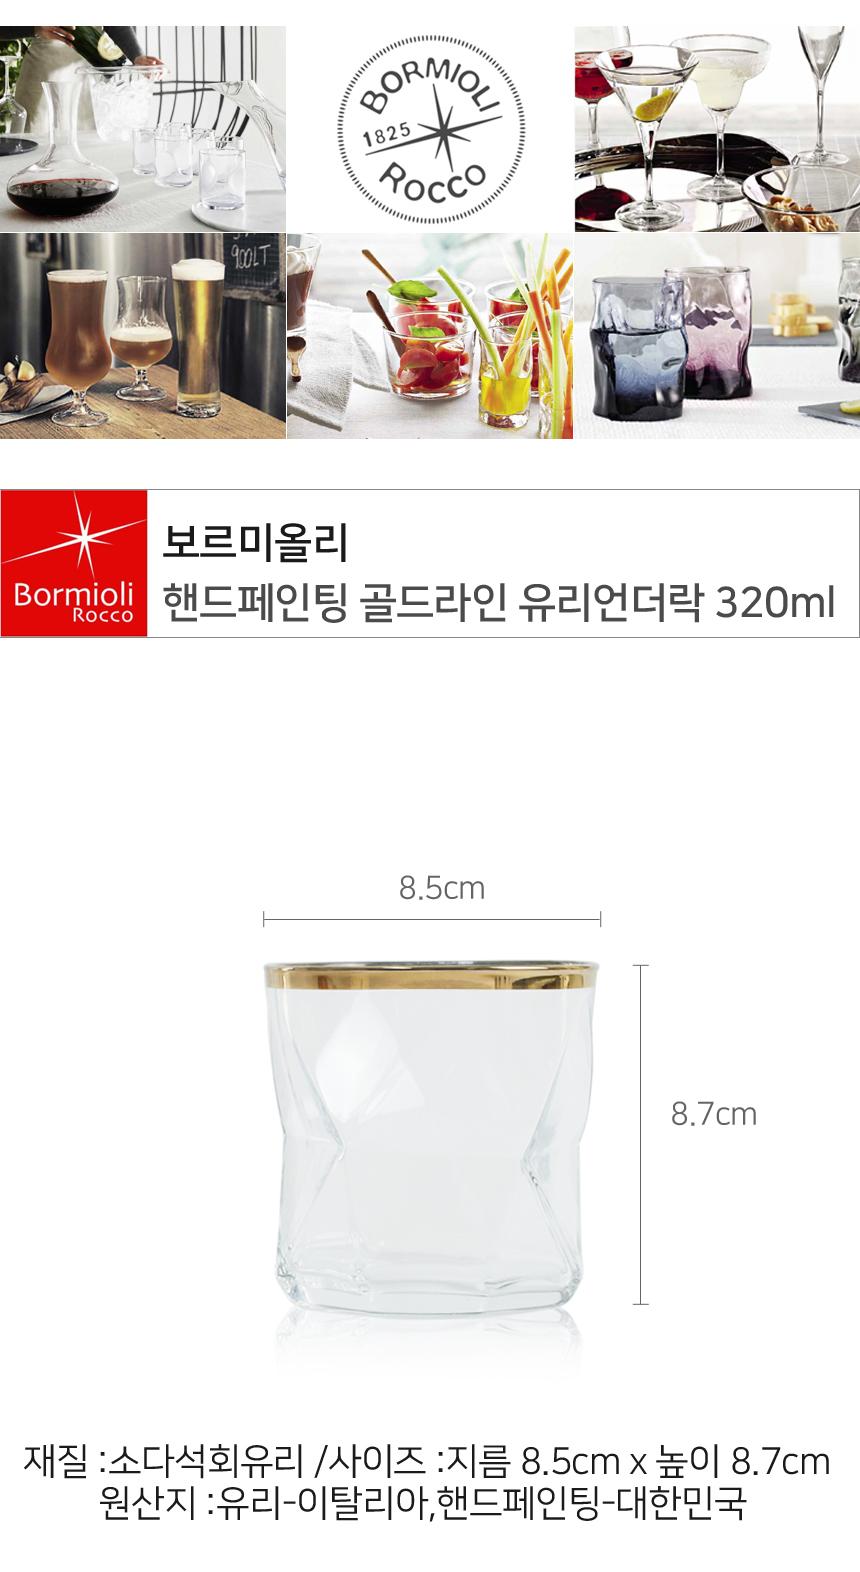 보르미올리 핸드페인팅 골드라인 유리언더락 320ml 1P - 김씨하우스, 14,300원, 유리컵/술잔, 유리컵